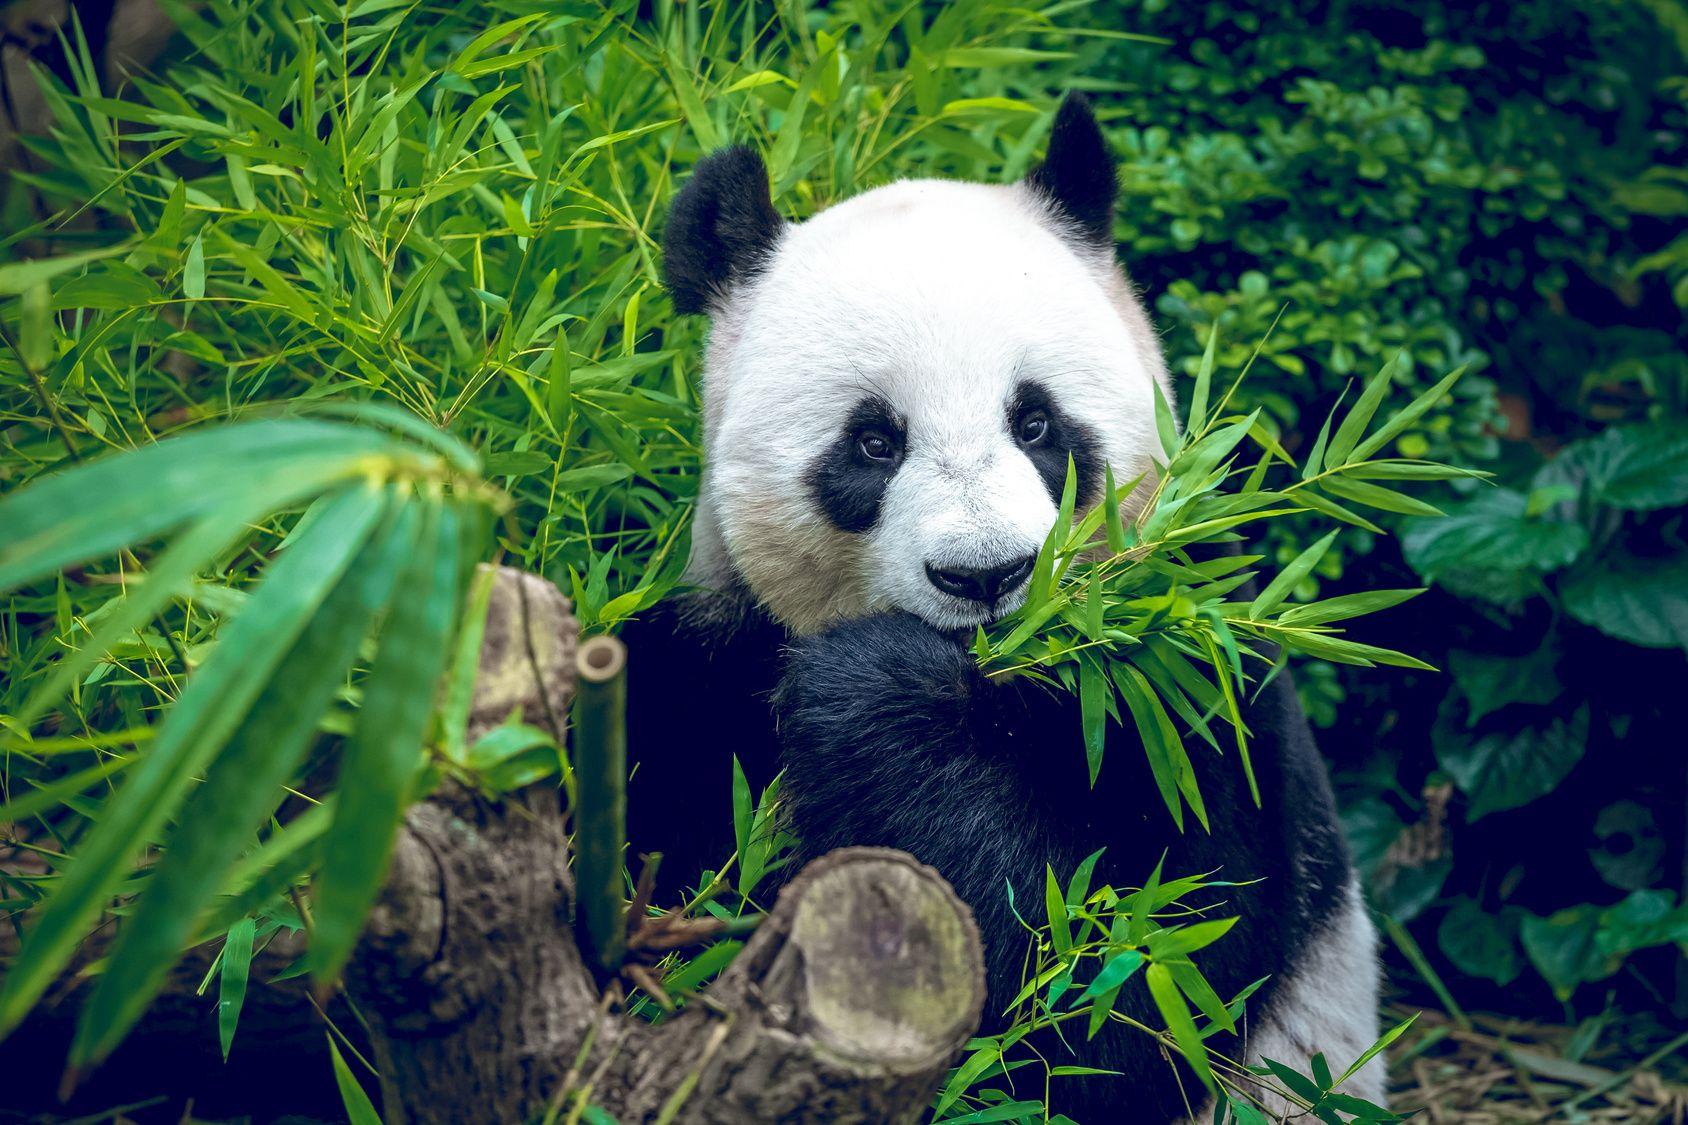 Bis zu 30 Kilogramm #Bambus kann ein Pandabär am Tag verdrücken - ganz schöne Nimmersatte. #Fakten